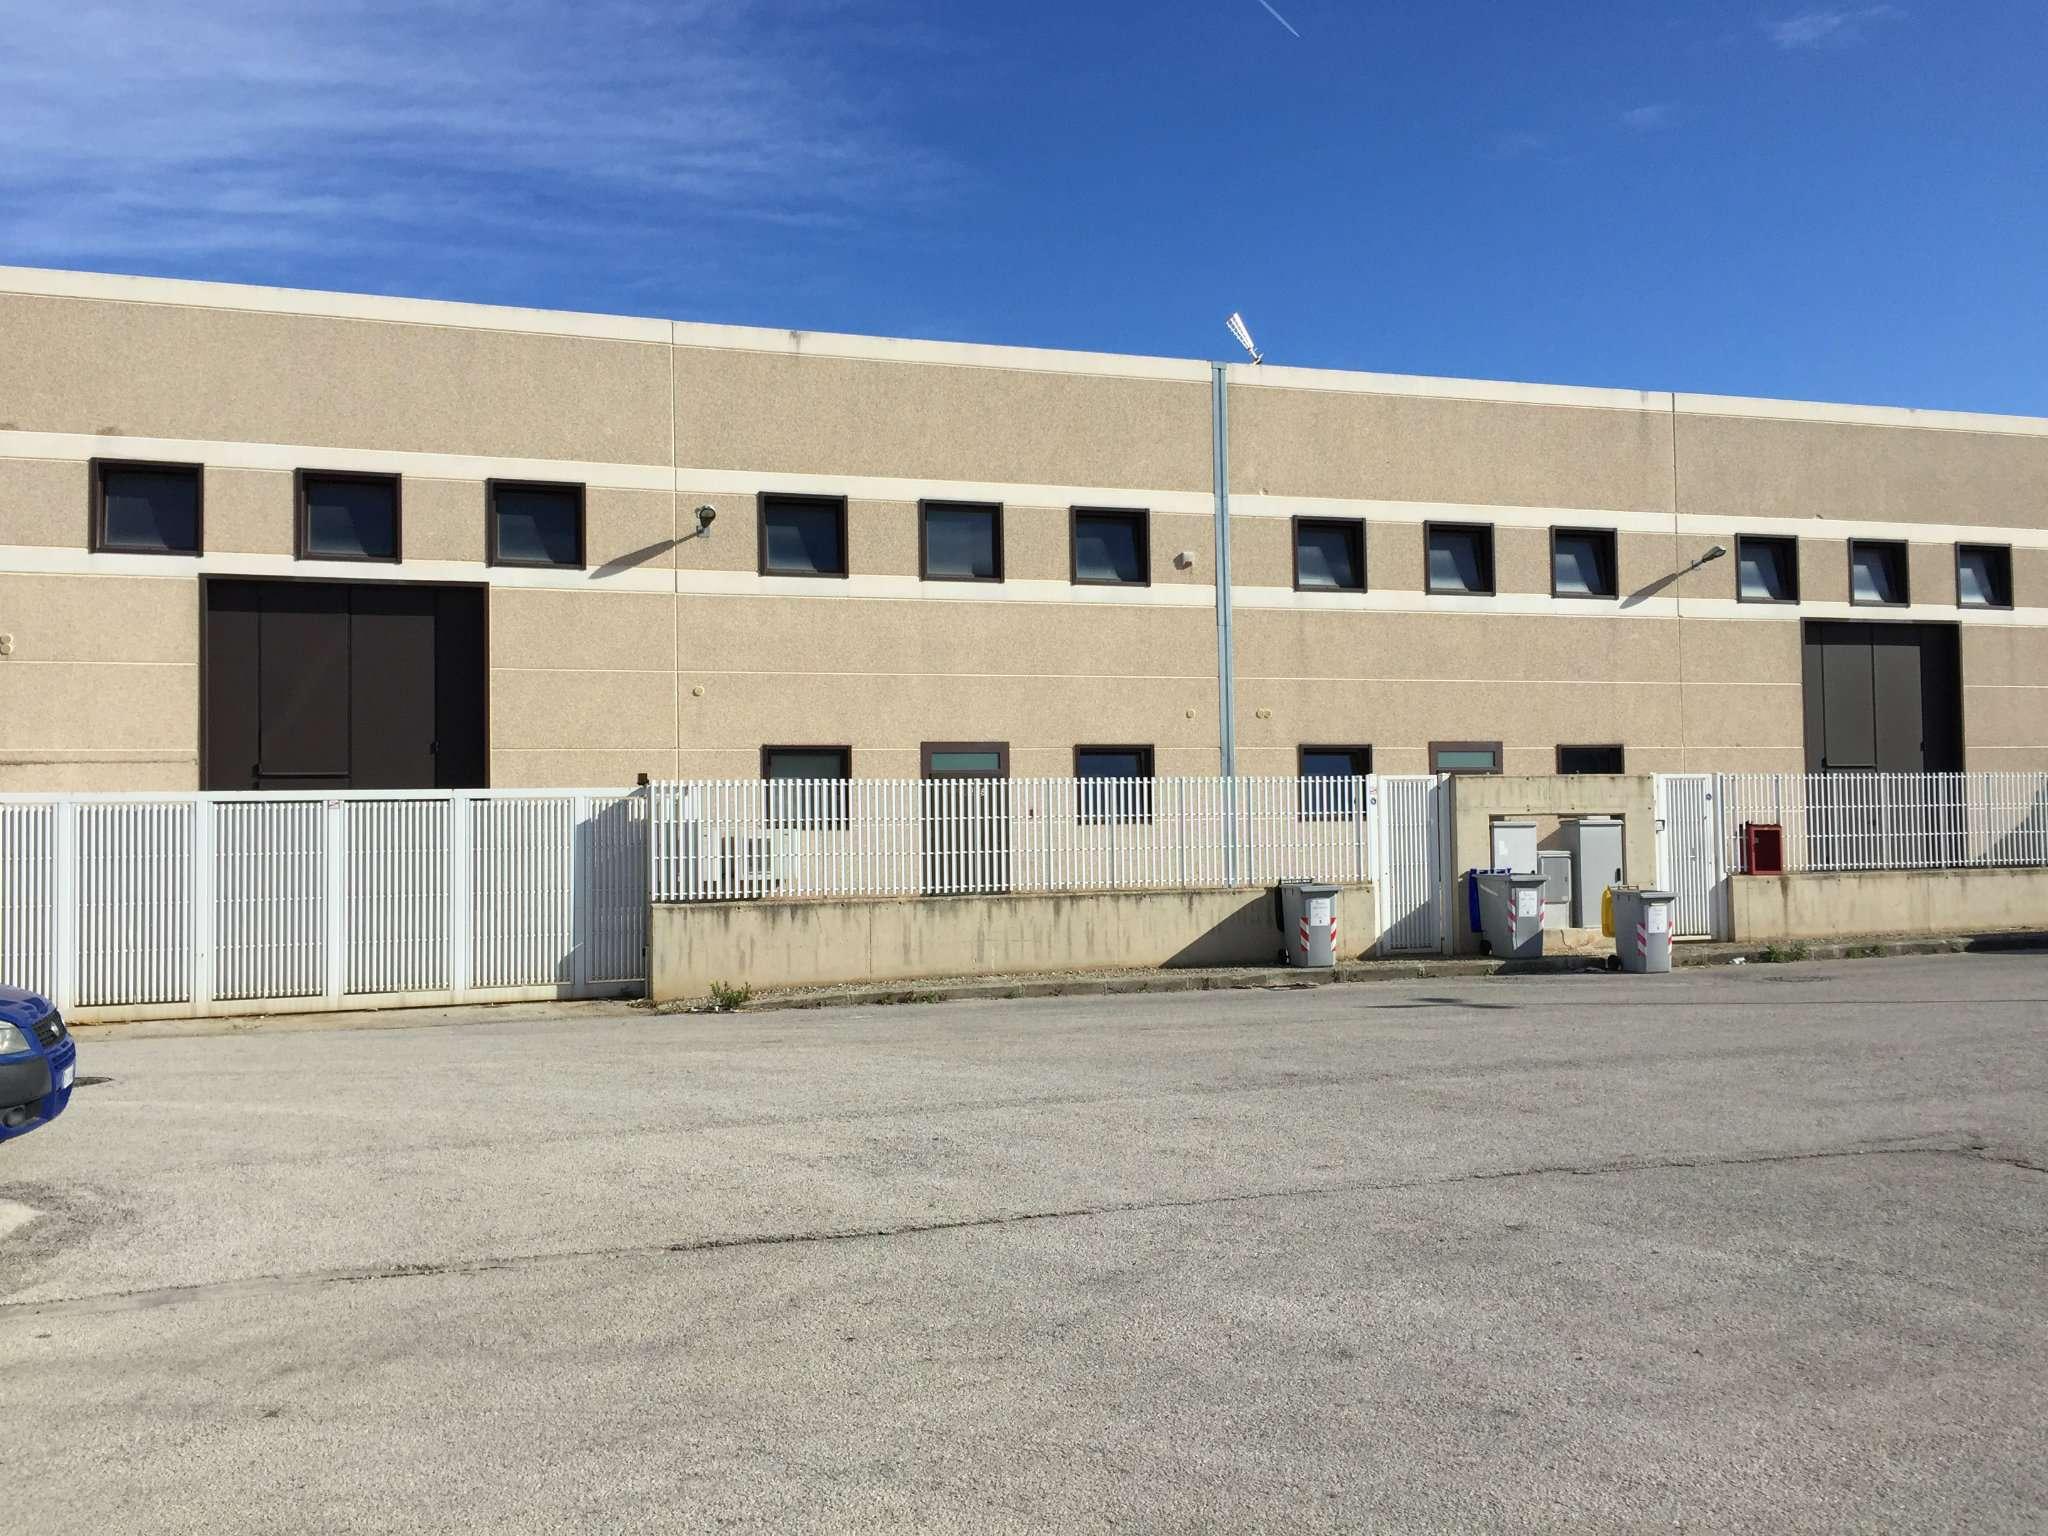 Capannone in vendita a Modugno, 7 locali, prezzo € 750.000 | PortaleAgenzieImmobiliari.it